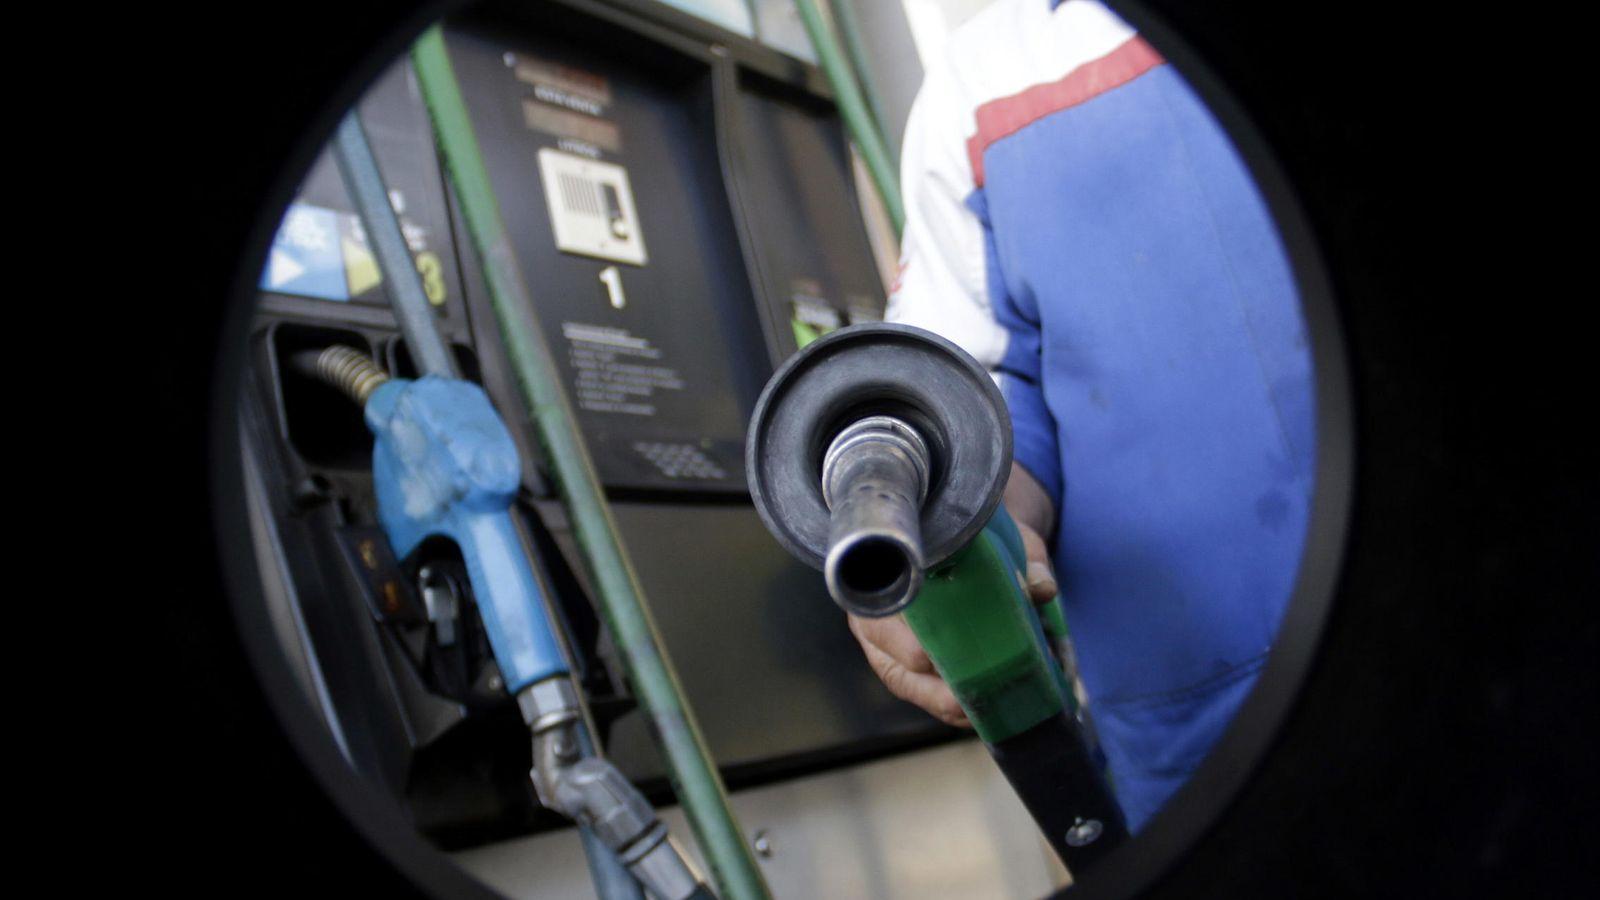 Foto: ¿Quiere echar gasolina con descuento? Apunte estas cuentas y tarjetas bancarias